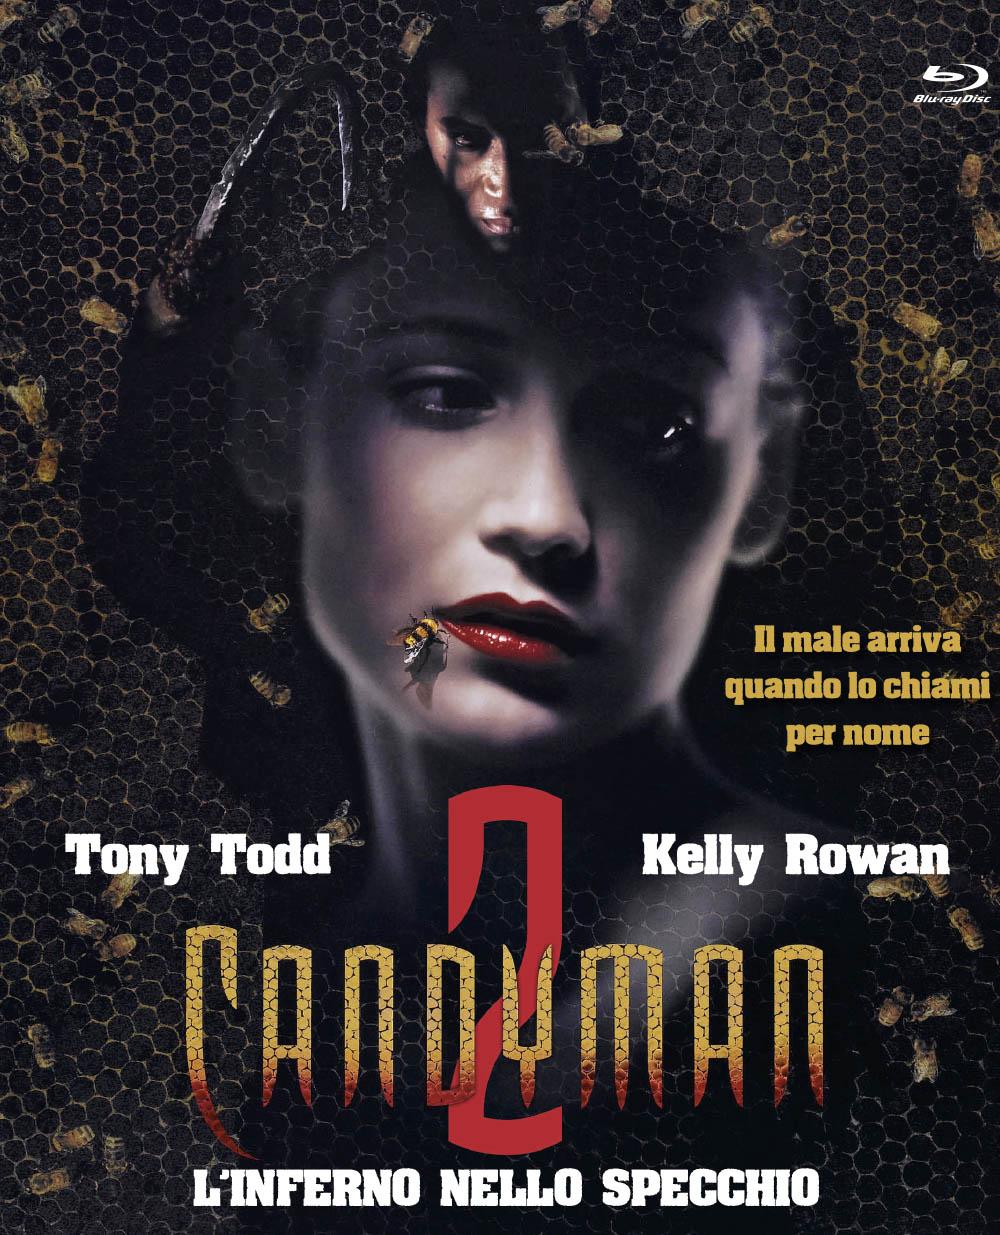 CANDYMAN 2 L'INFERNO NELLO SPECCHIO (BLU-RAY)